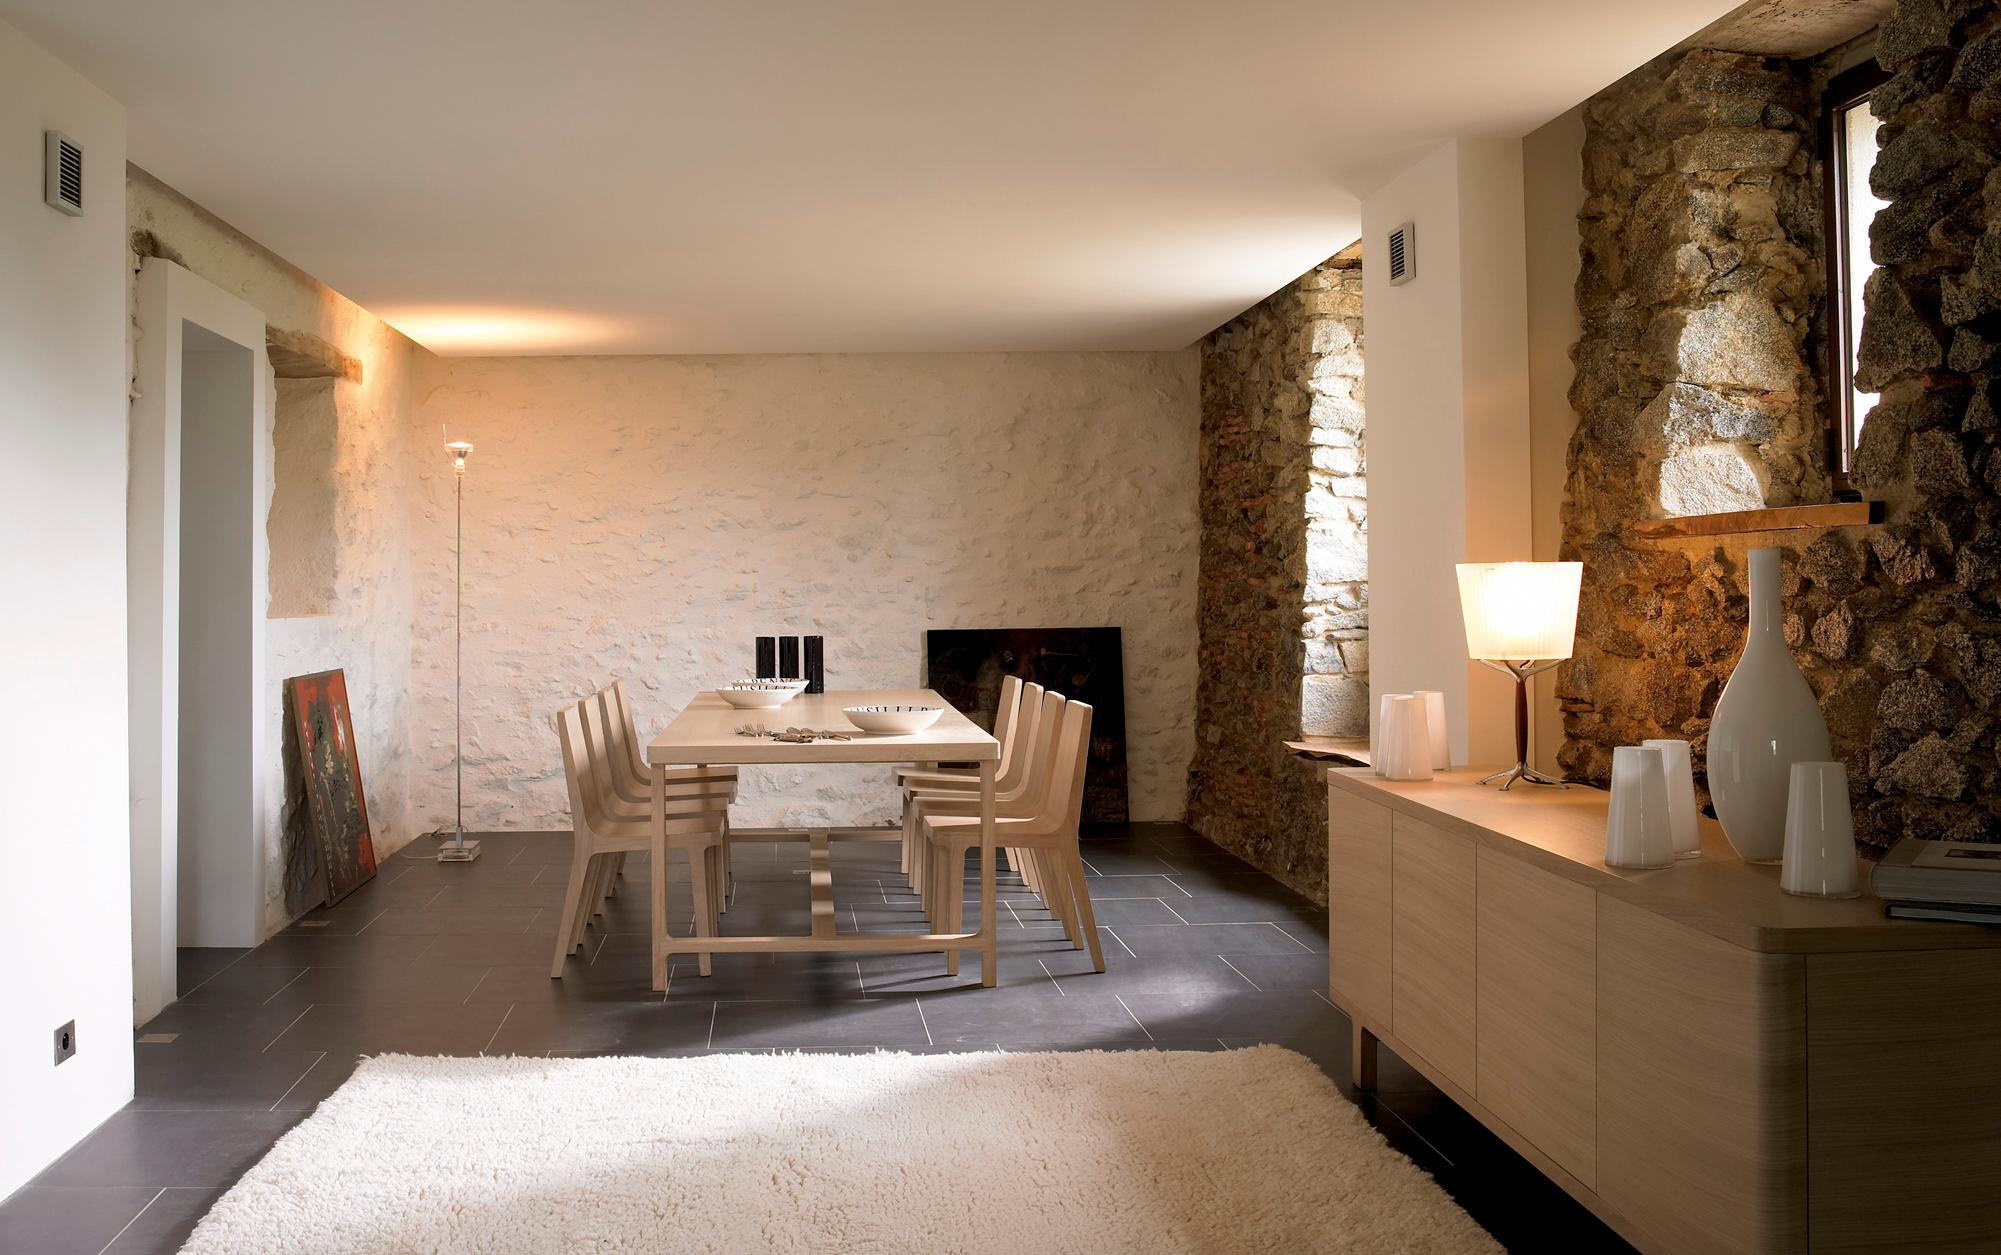 Esszimmer Mit Natursteinwand #natursteinwand #steinmauer ©Alki